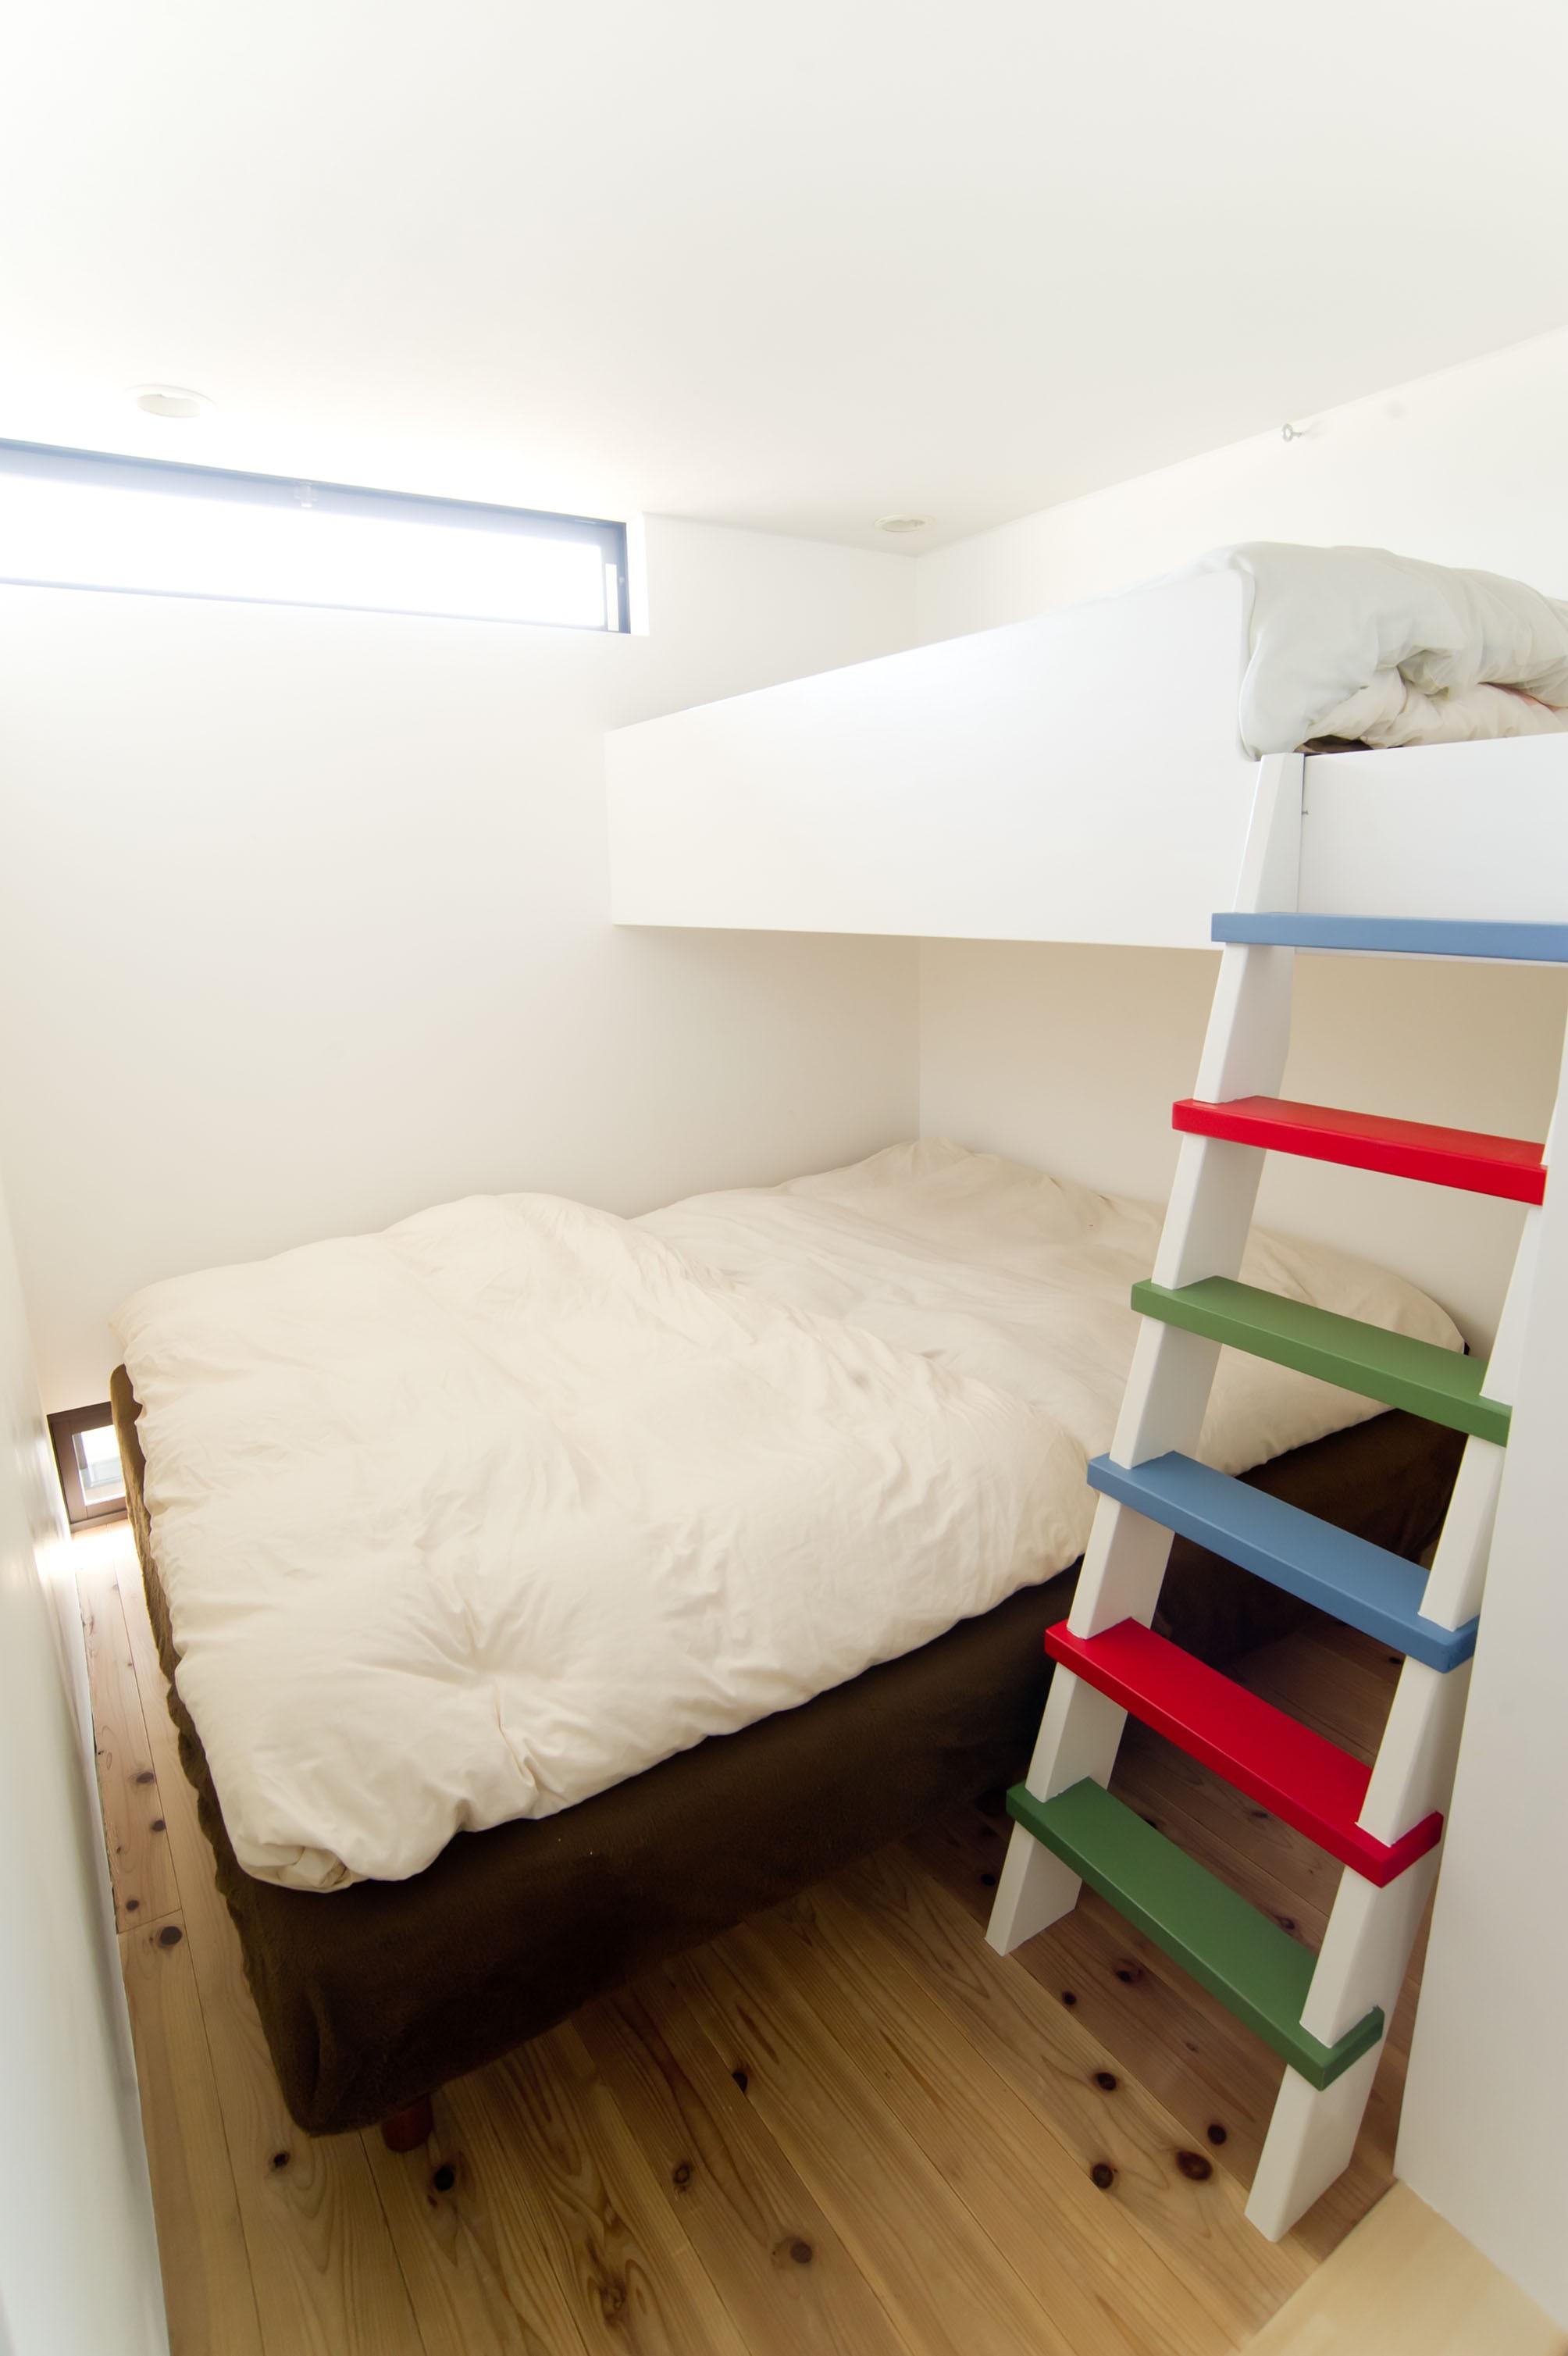 ベッドルーム事例:Family Bedroom(自分たちらしい住まいを求め、少しずつの変化を楽しむ住まい)